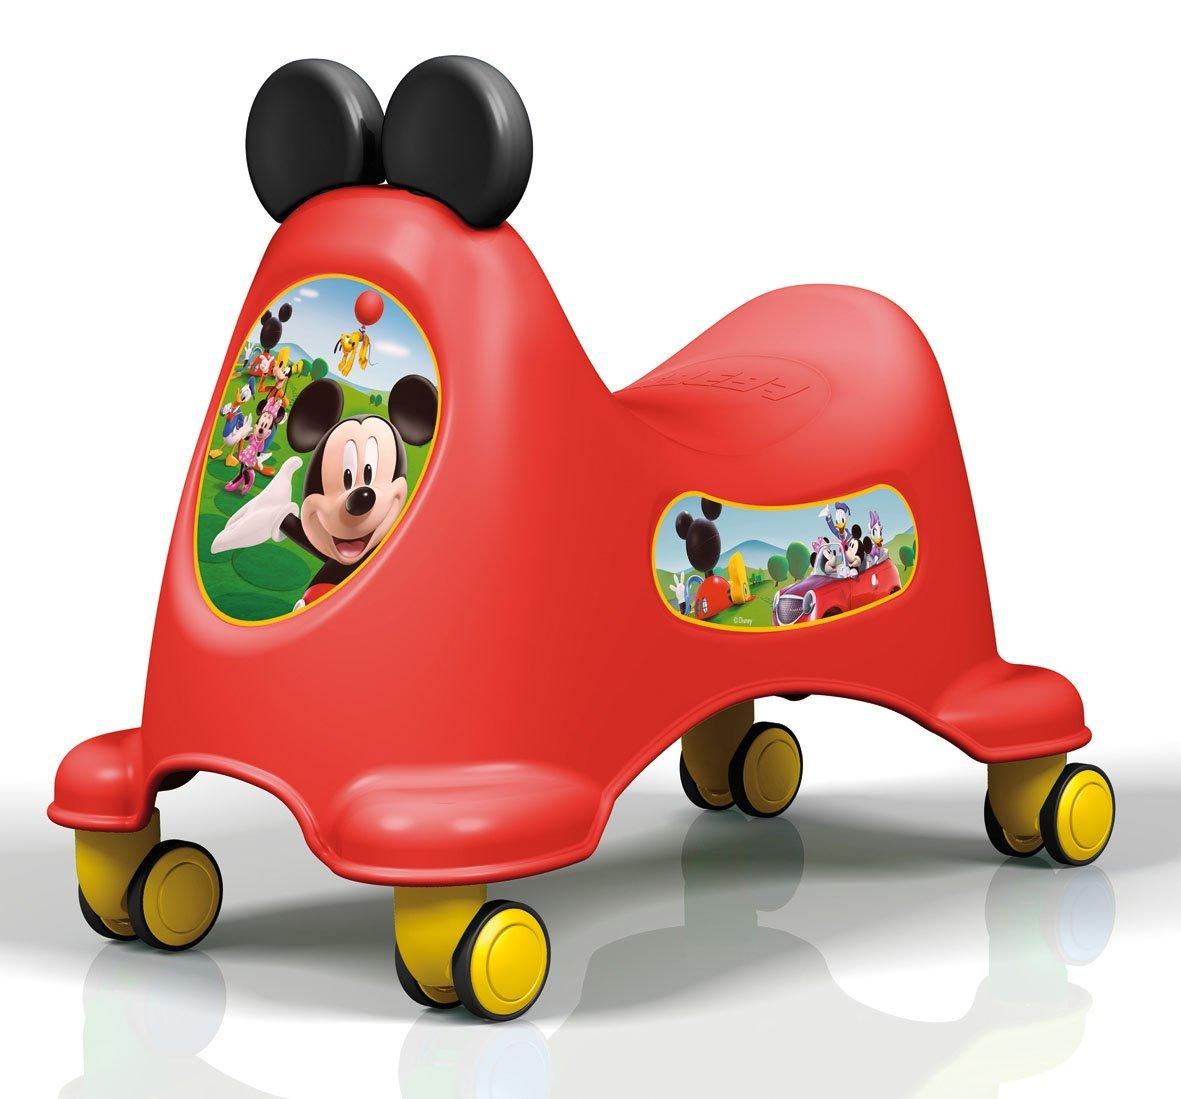 Toys for gross motor skills